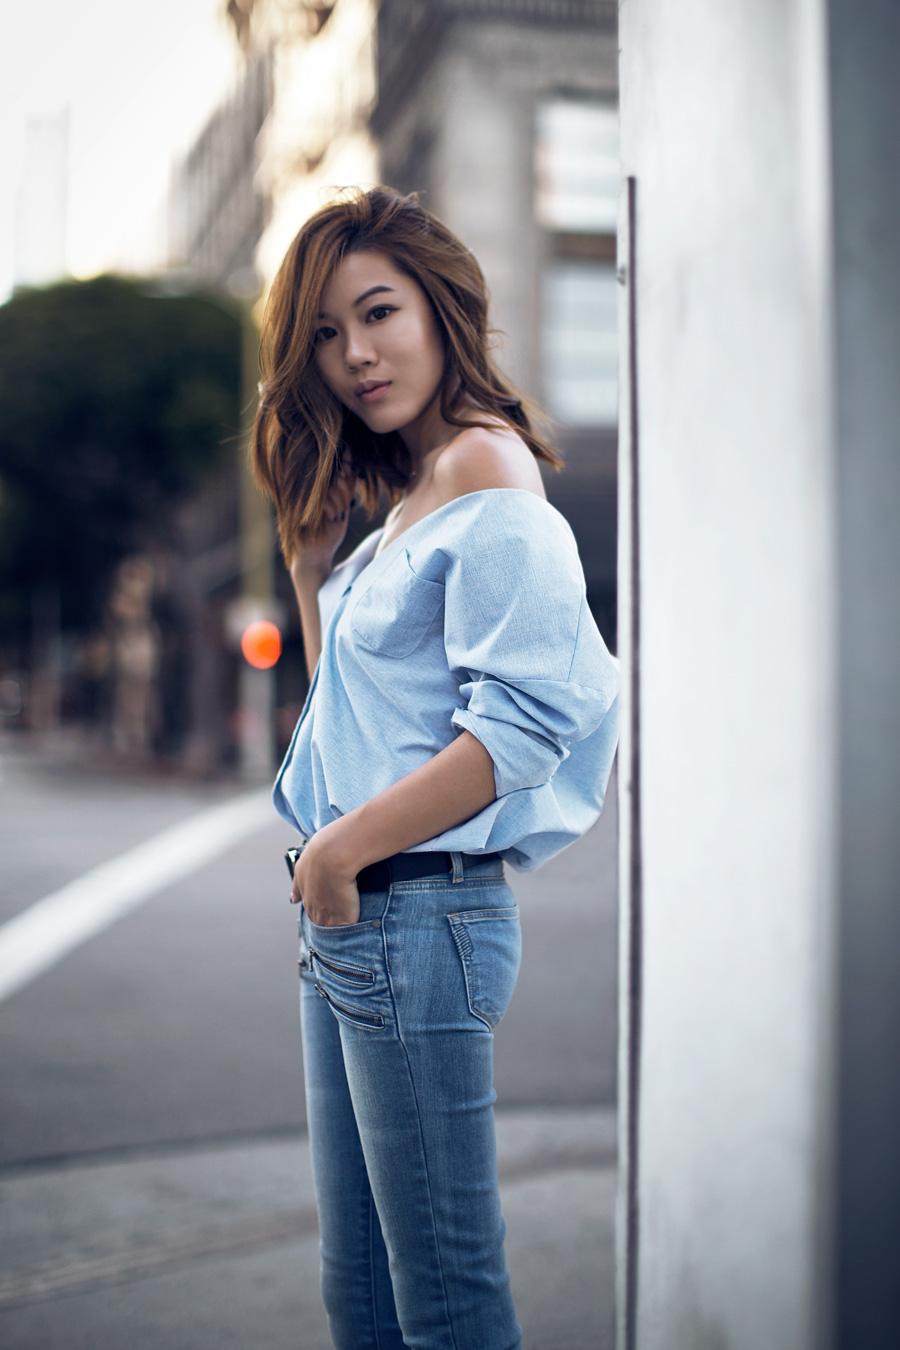 Голубая рубашка  8 идей от топовых fashion-блогеров – Woman Delice 0b73766472fe7